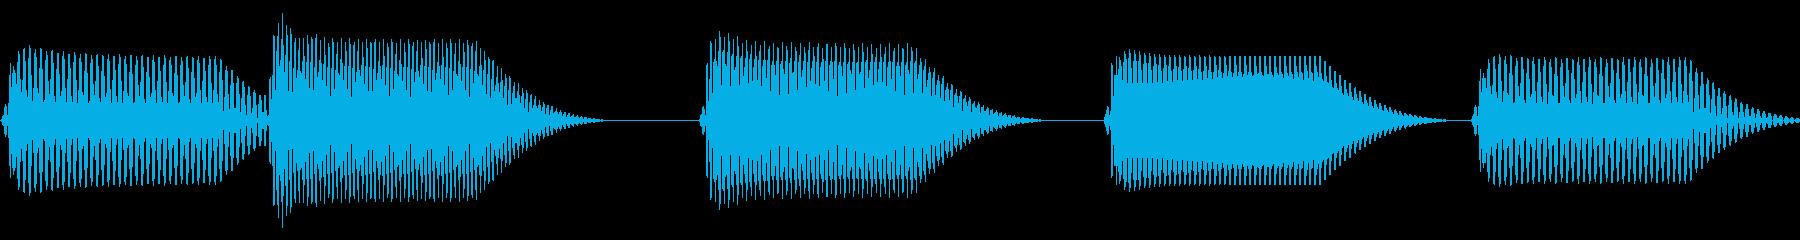 往年のRPG風 コマンド音 シリーズ 5の再生済みの波形